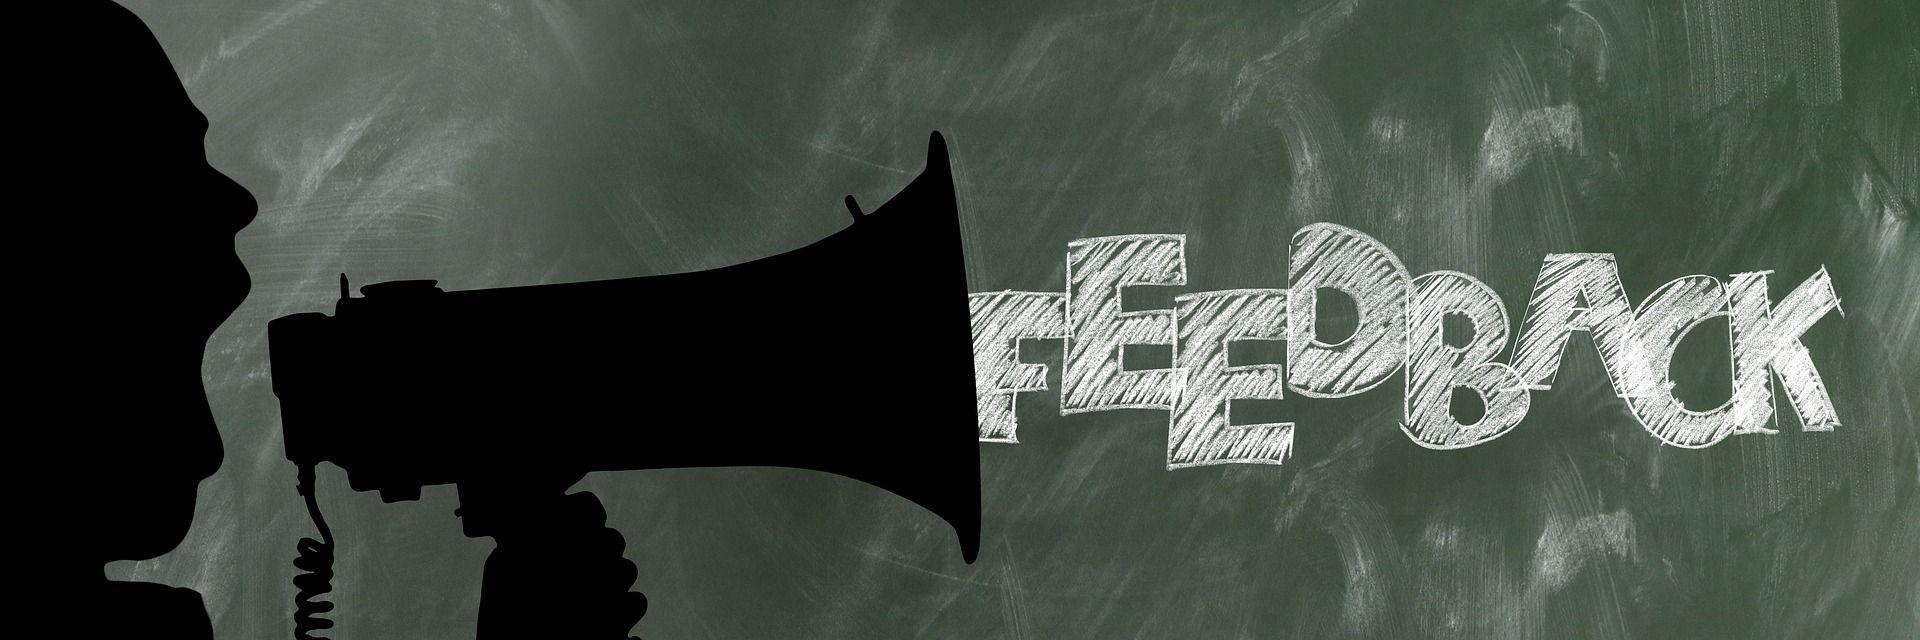 employee-empowerment-feedback